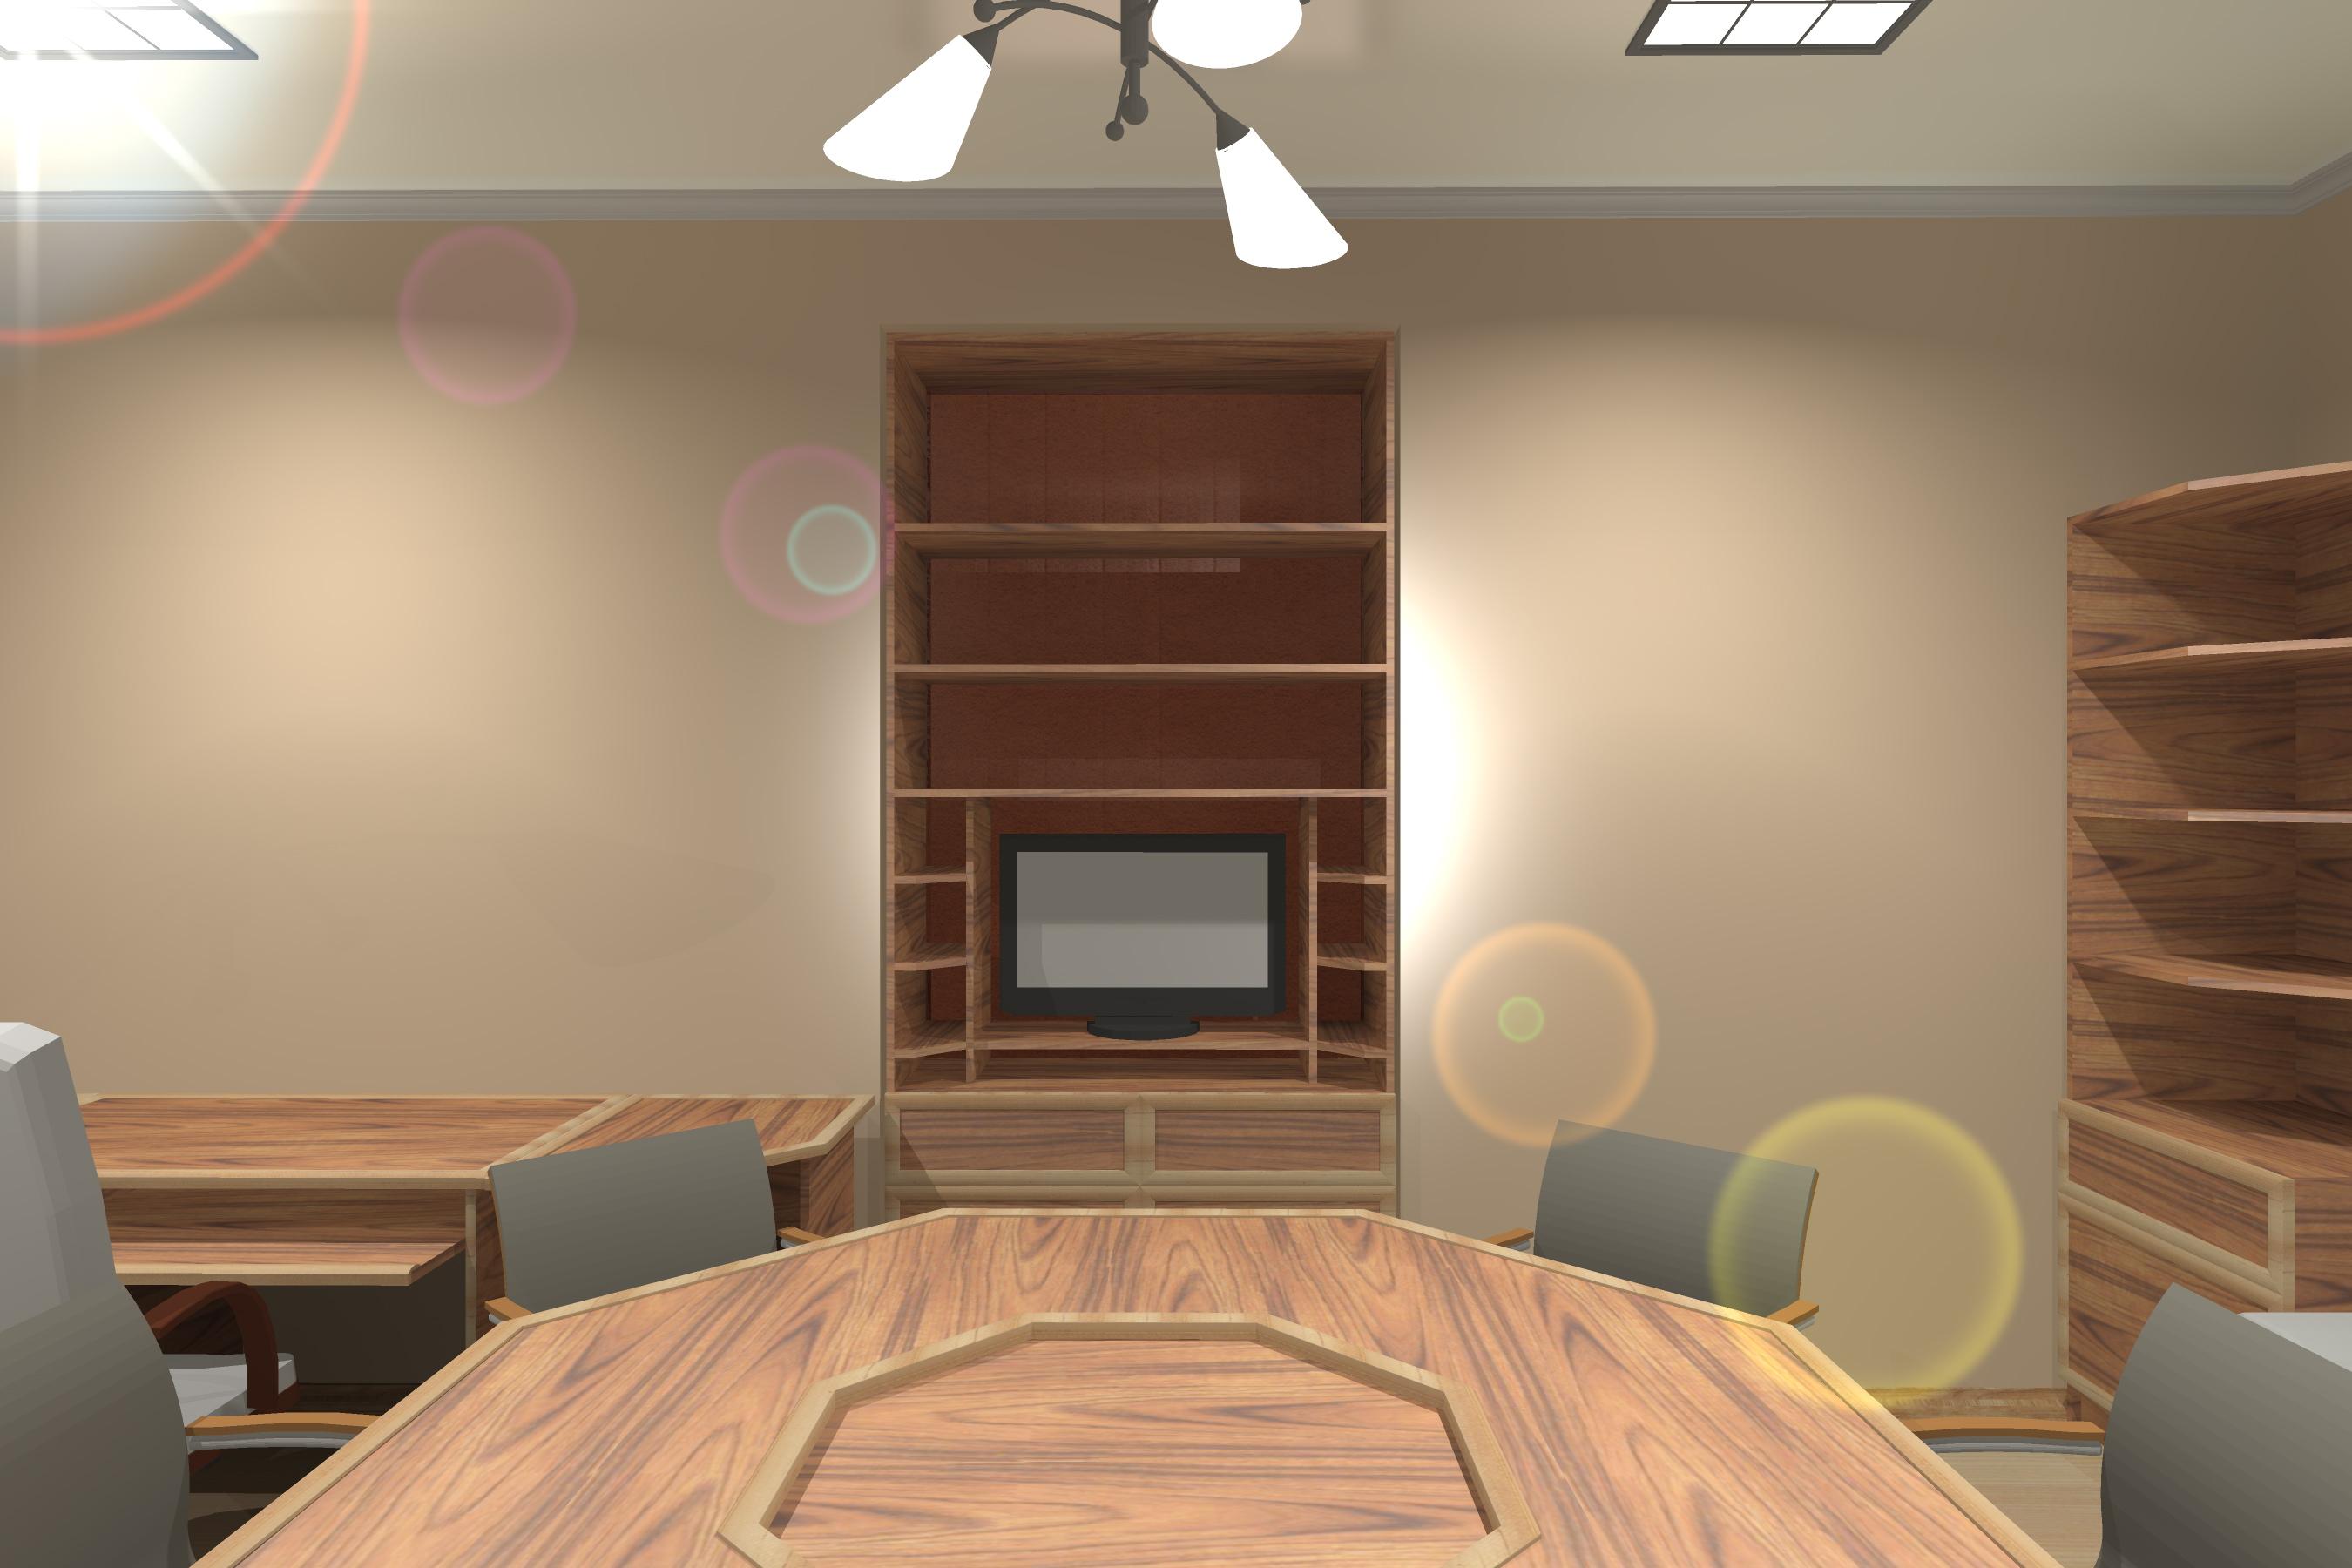 Интерьер с расположением мебели небольшого офиса -4